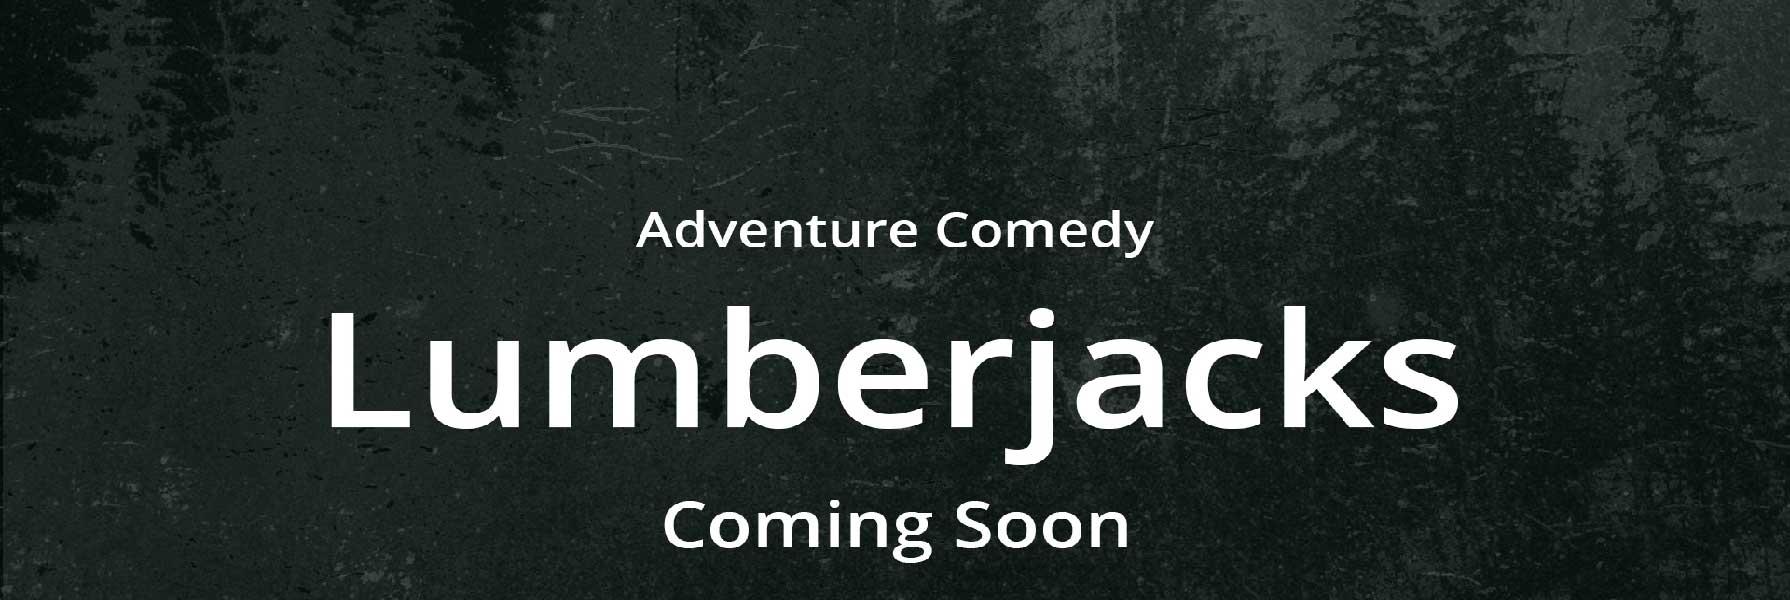 Lumberjacks, comedy, film, serias, poster